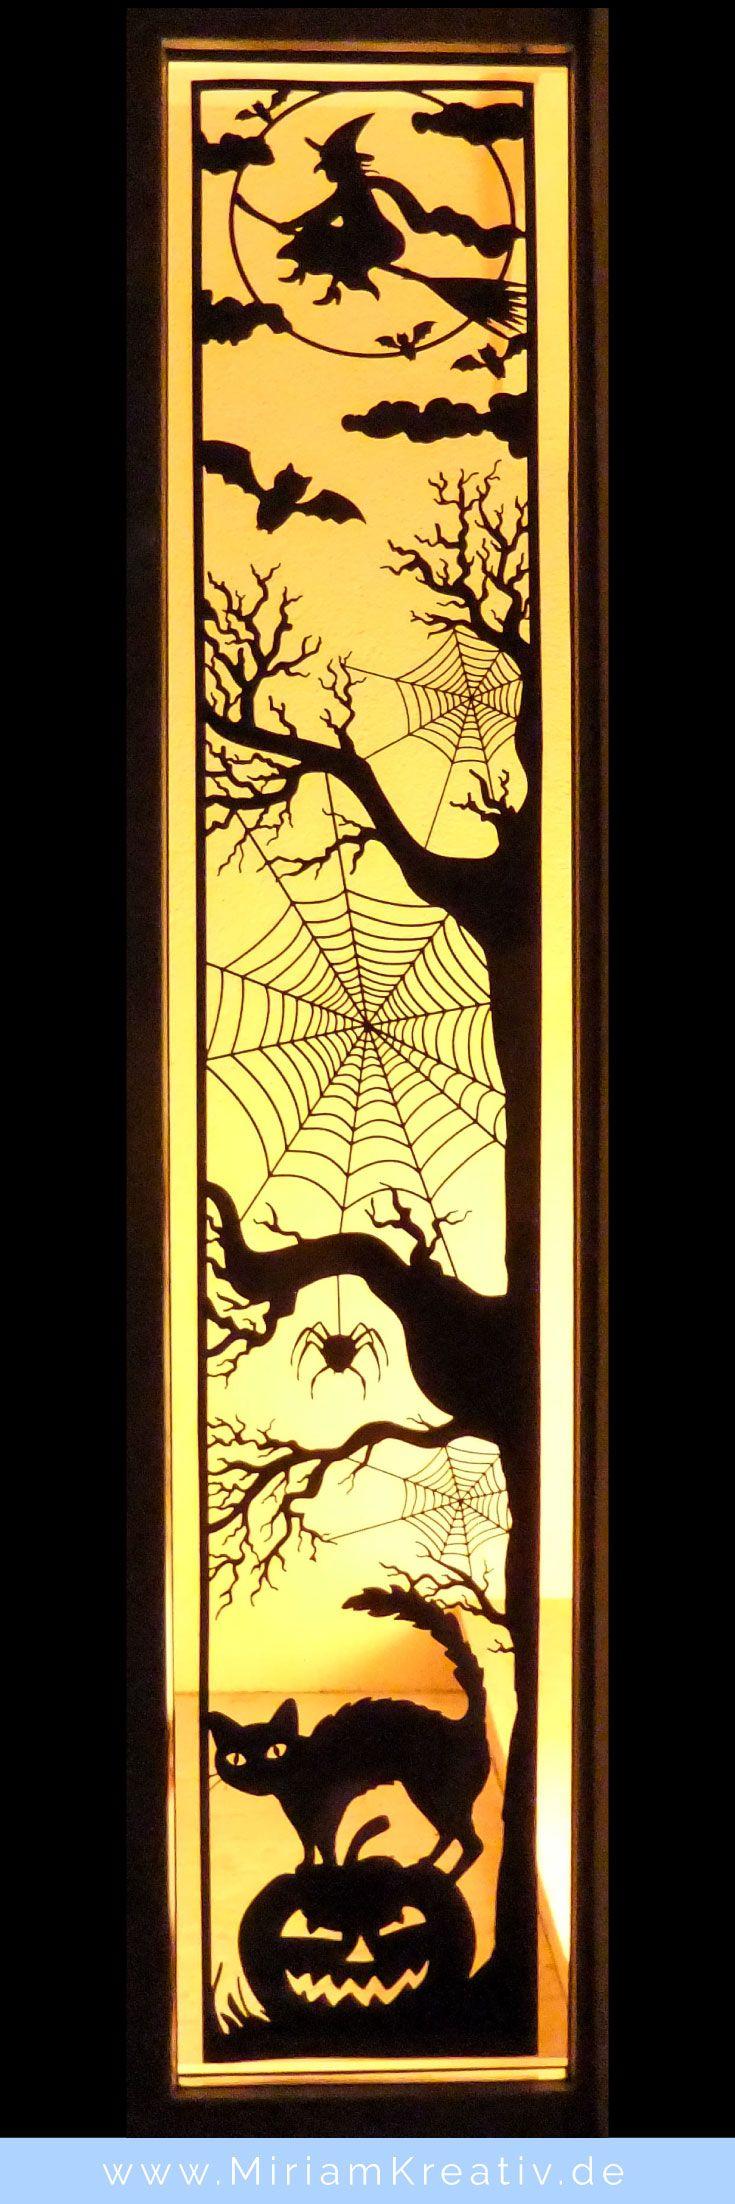 Bastele mit diesem Plotter-Freebie (kostenlose Plotterdatei im SVG-Format) und deinem Plotter diese riesengroße DIY Halloween-Deko mit einer Hexe, Fledermäusen, einer Spinne, Spinnenweben, einer Katze und einem gruseligen Kürbis...